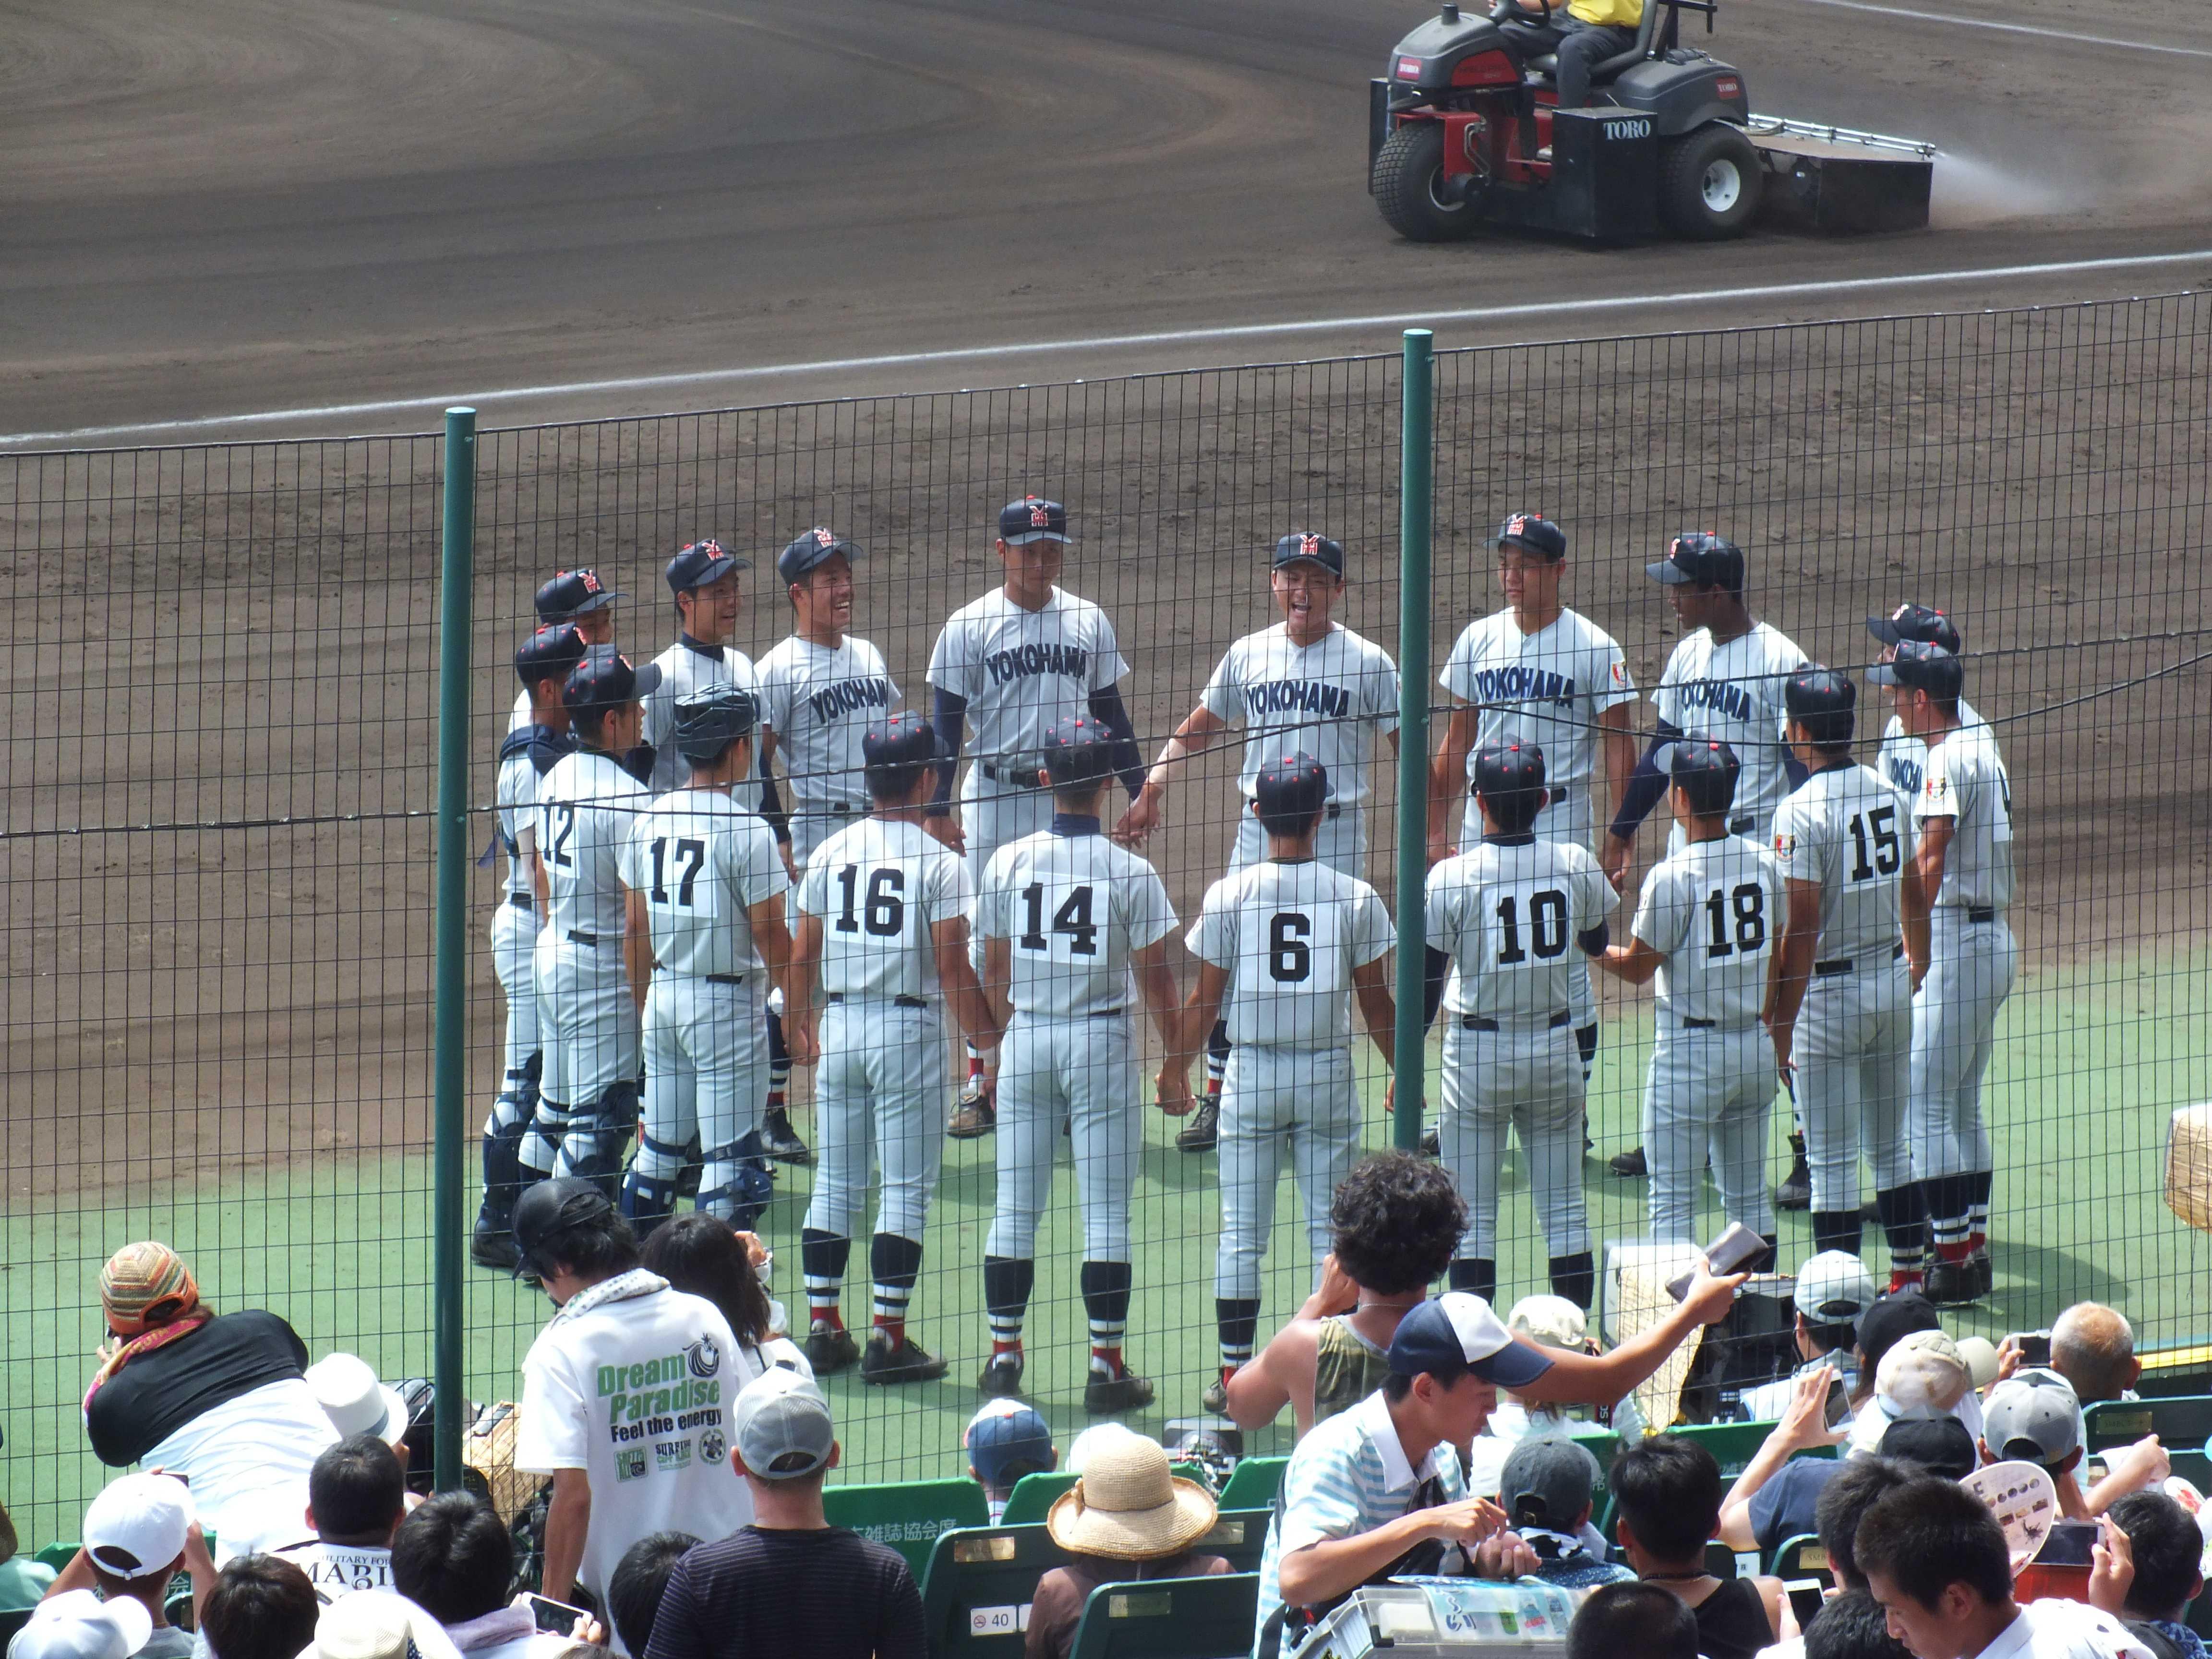 ベンチ前で円くなり互いに手を取り合う横浜高校ナイン